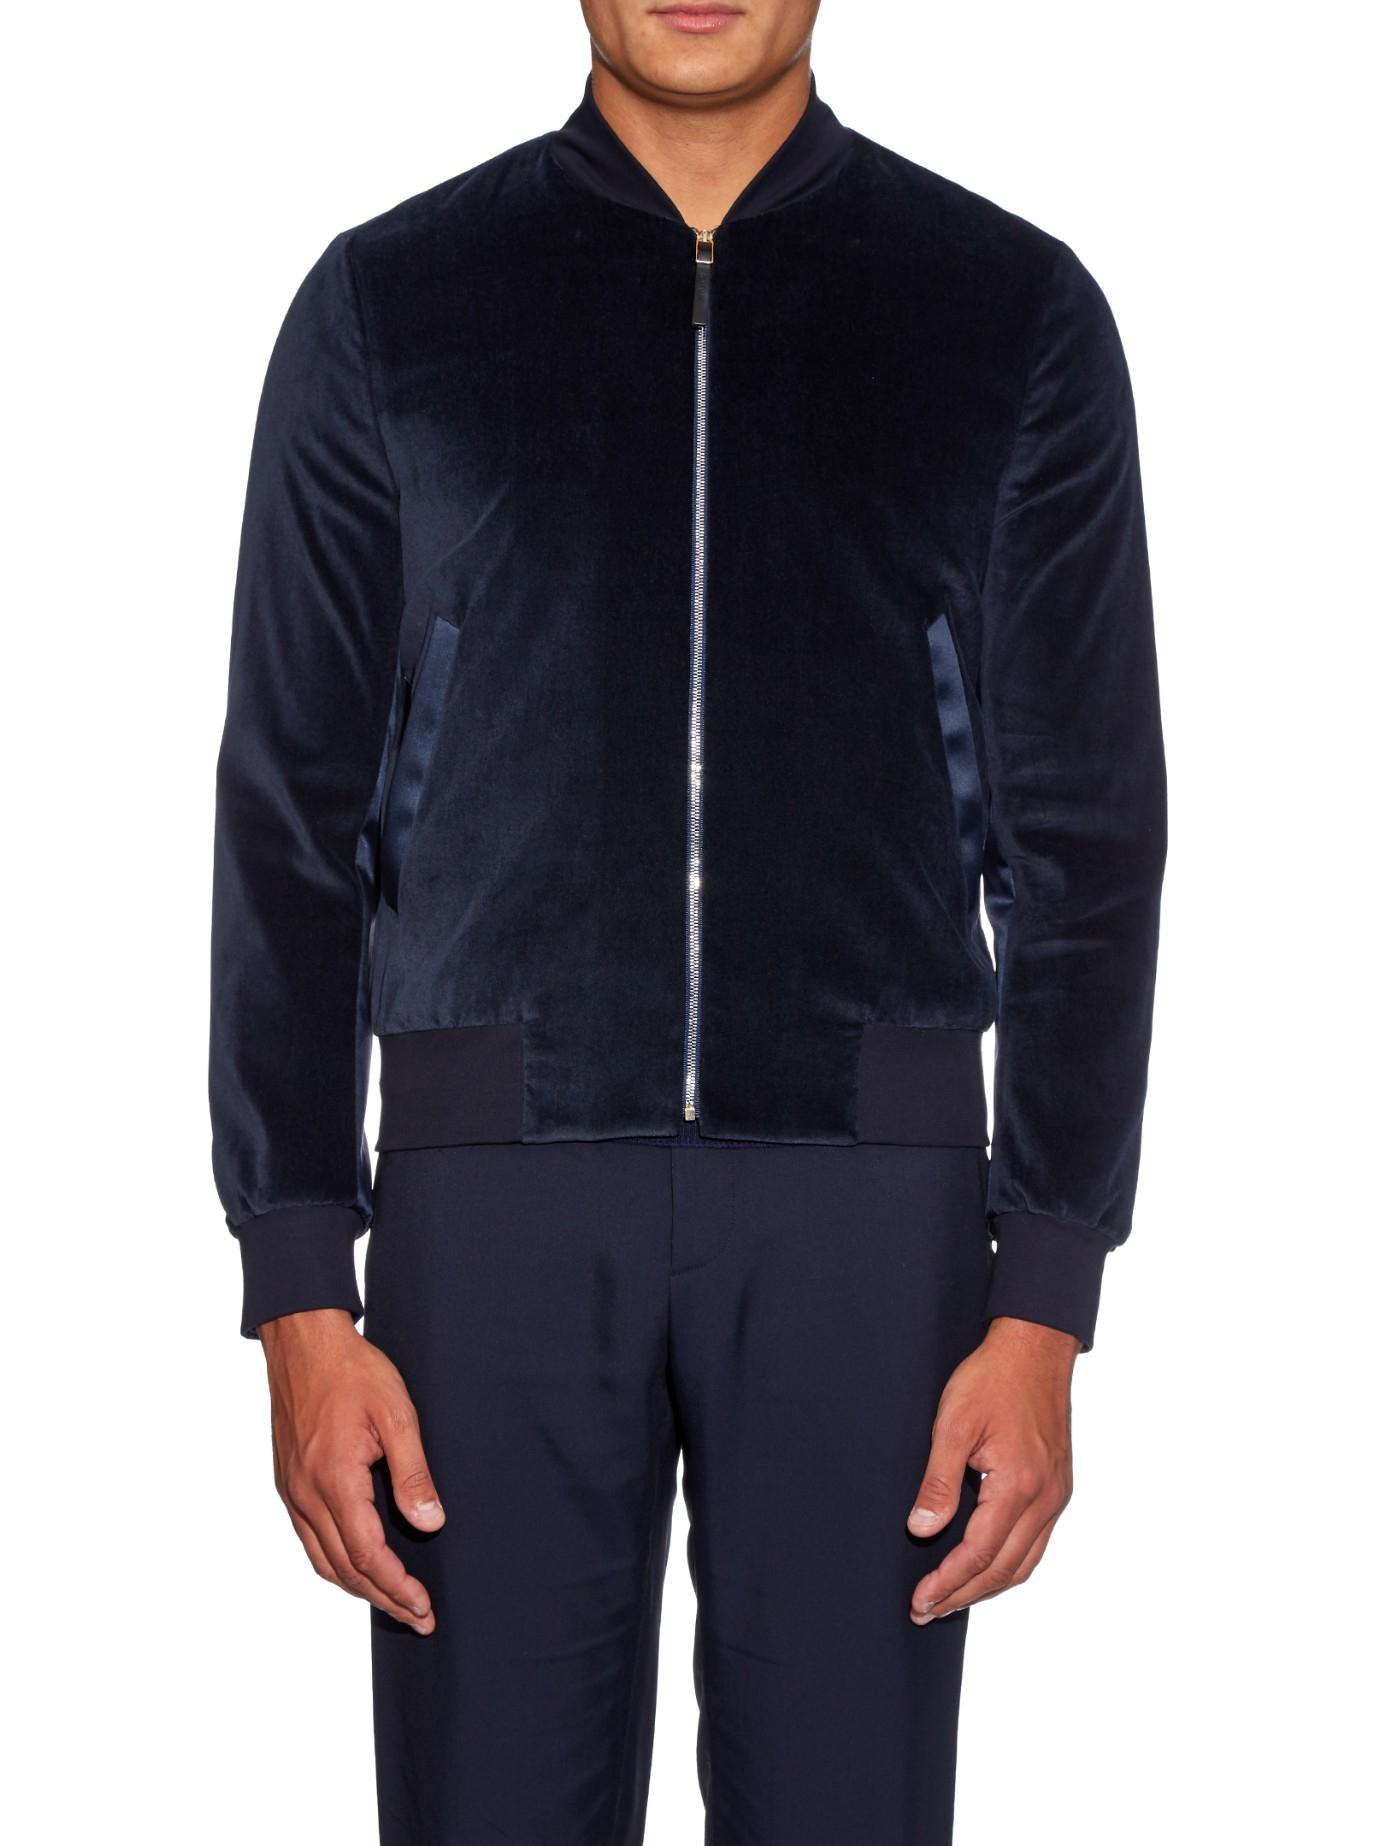 Paul smith Velvet Bomber Jacket in Blue for Men | Lyst